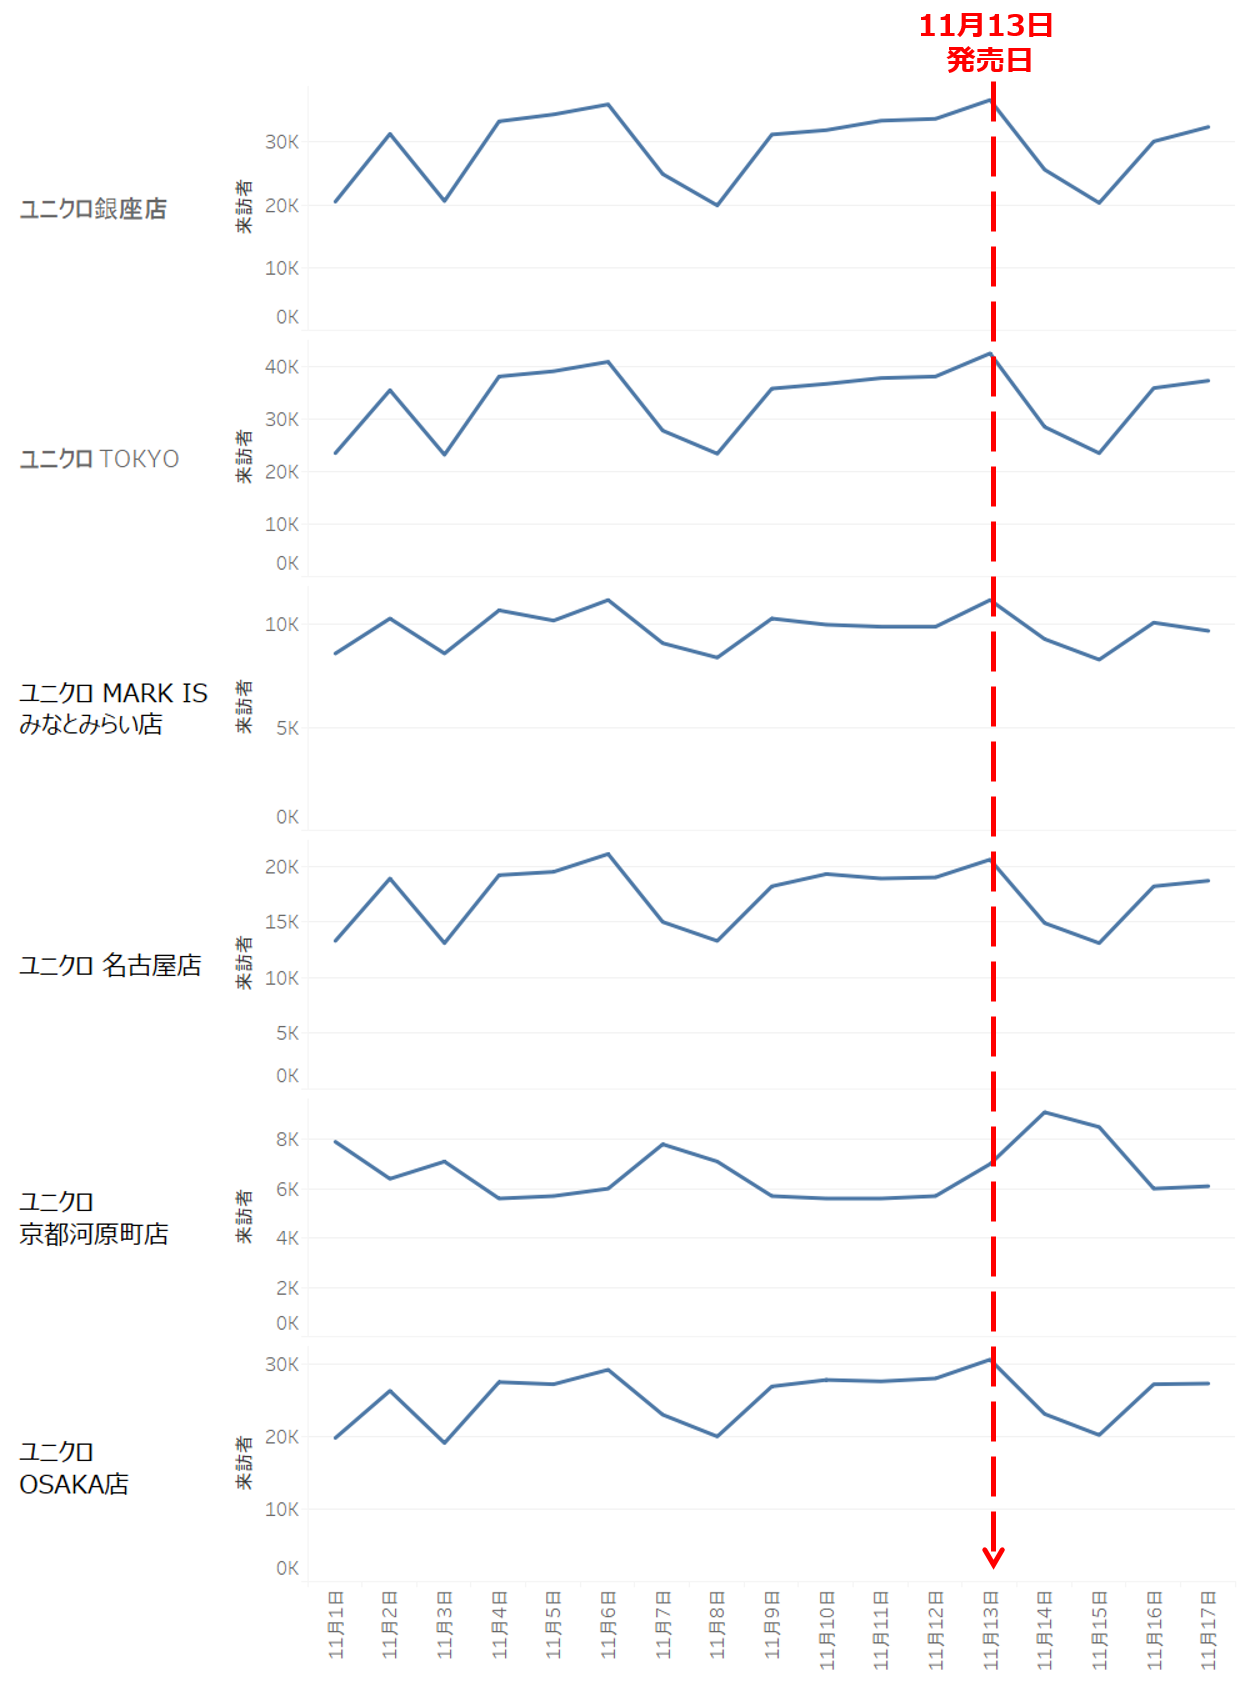 人気ブランド来訪者数調査|ユニクロ+J(プラスジェイ)